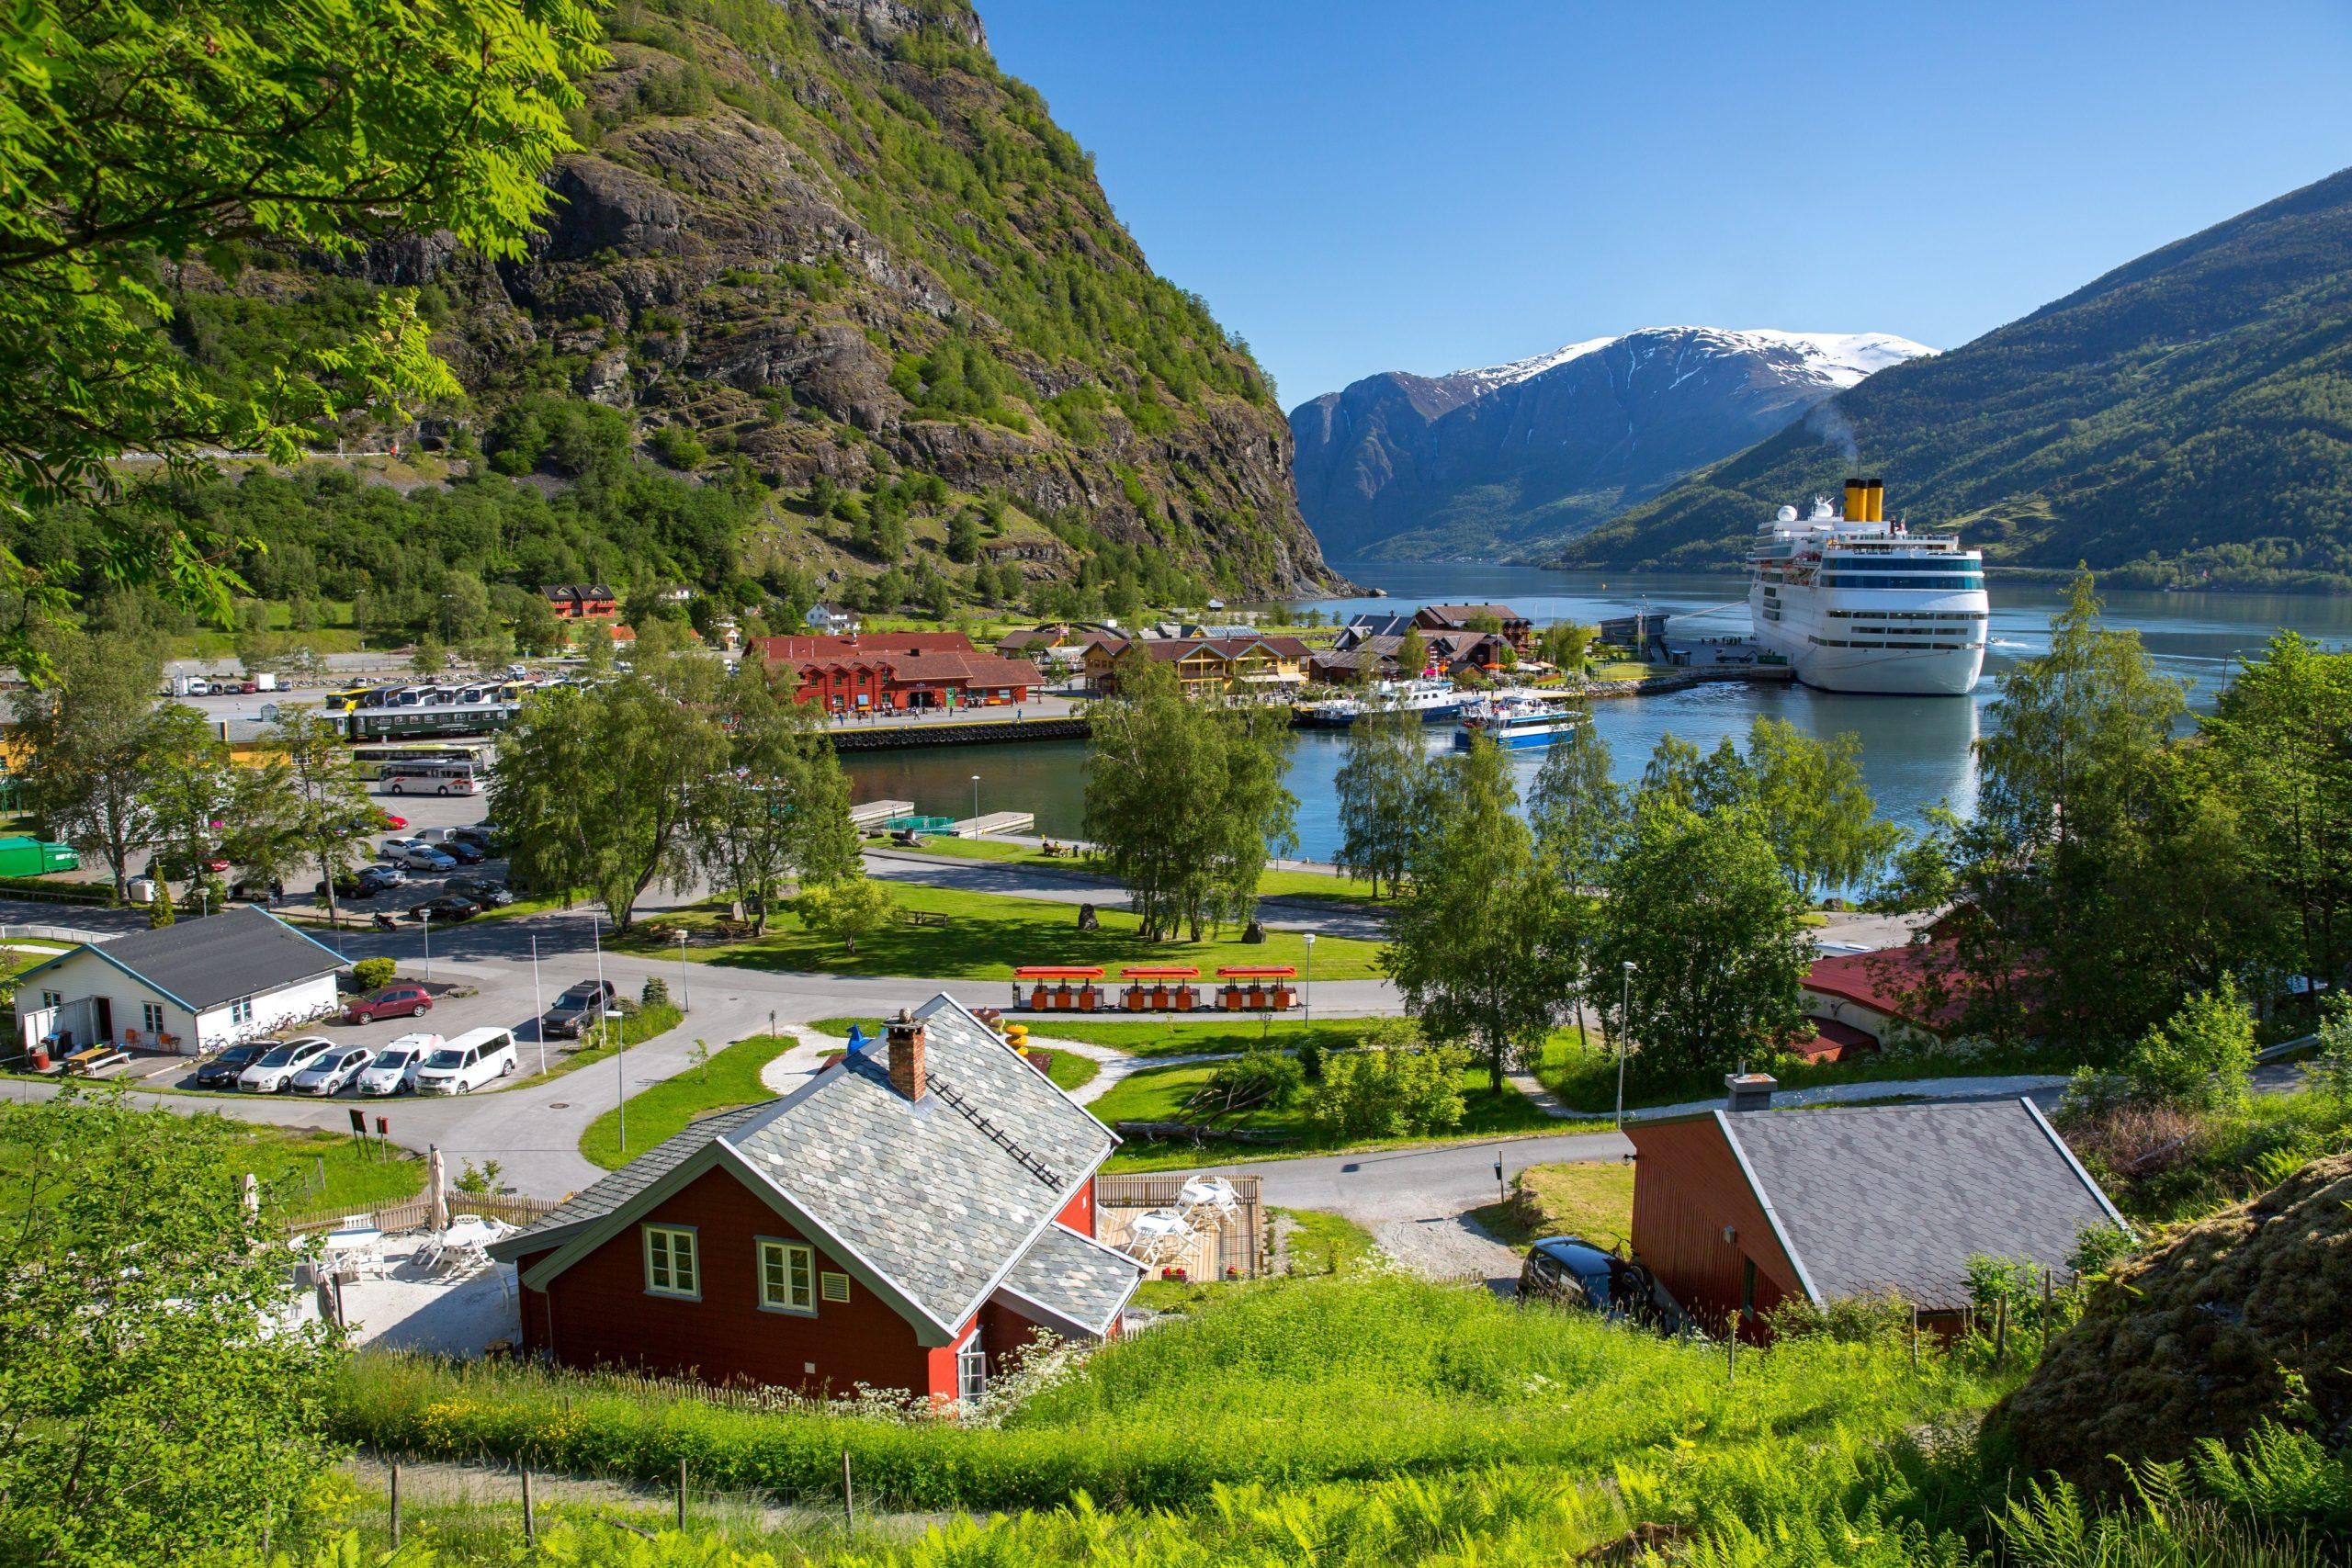 6 Hal Menakjubkan Yang Bisa Kamu Lakukan Di Desa Falm Norwegia